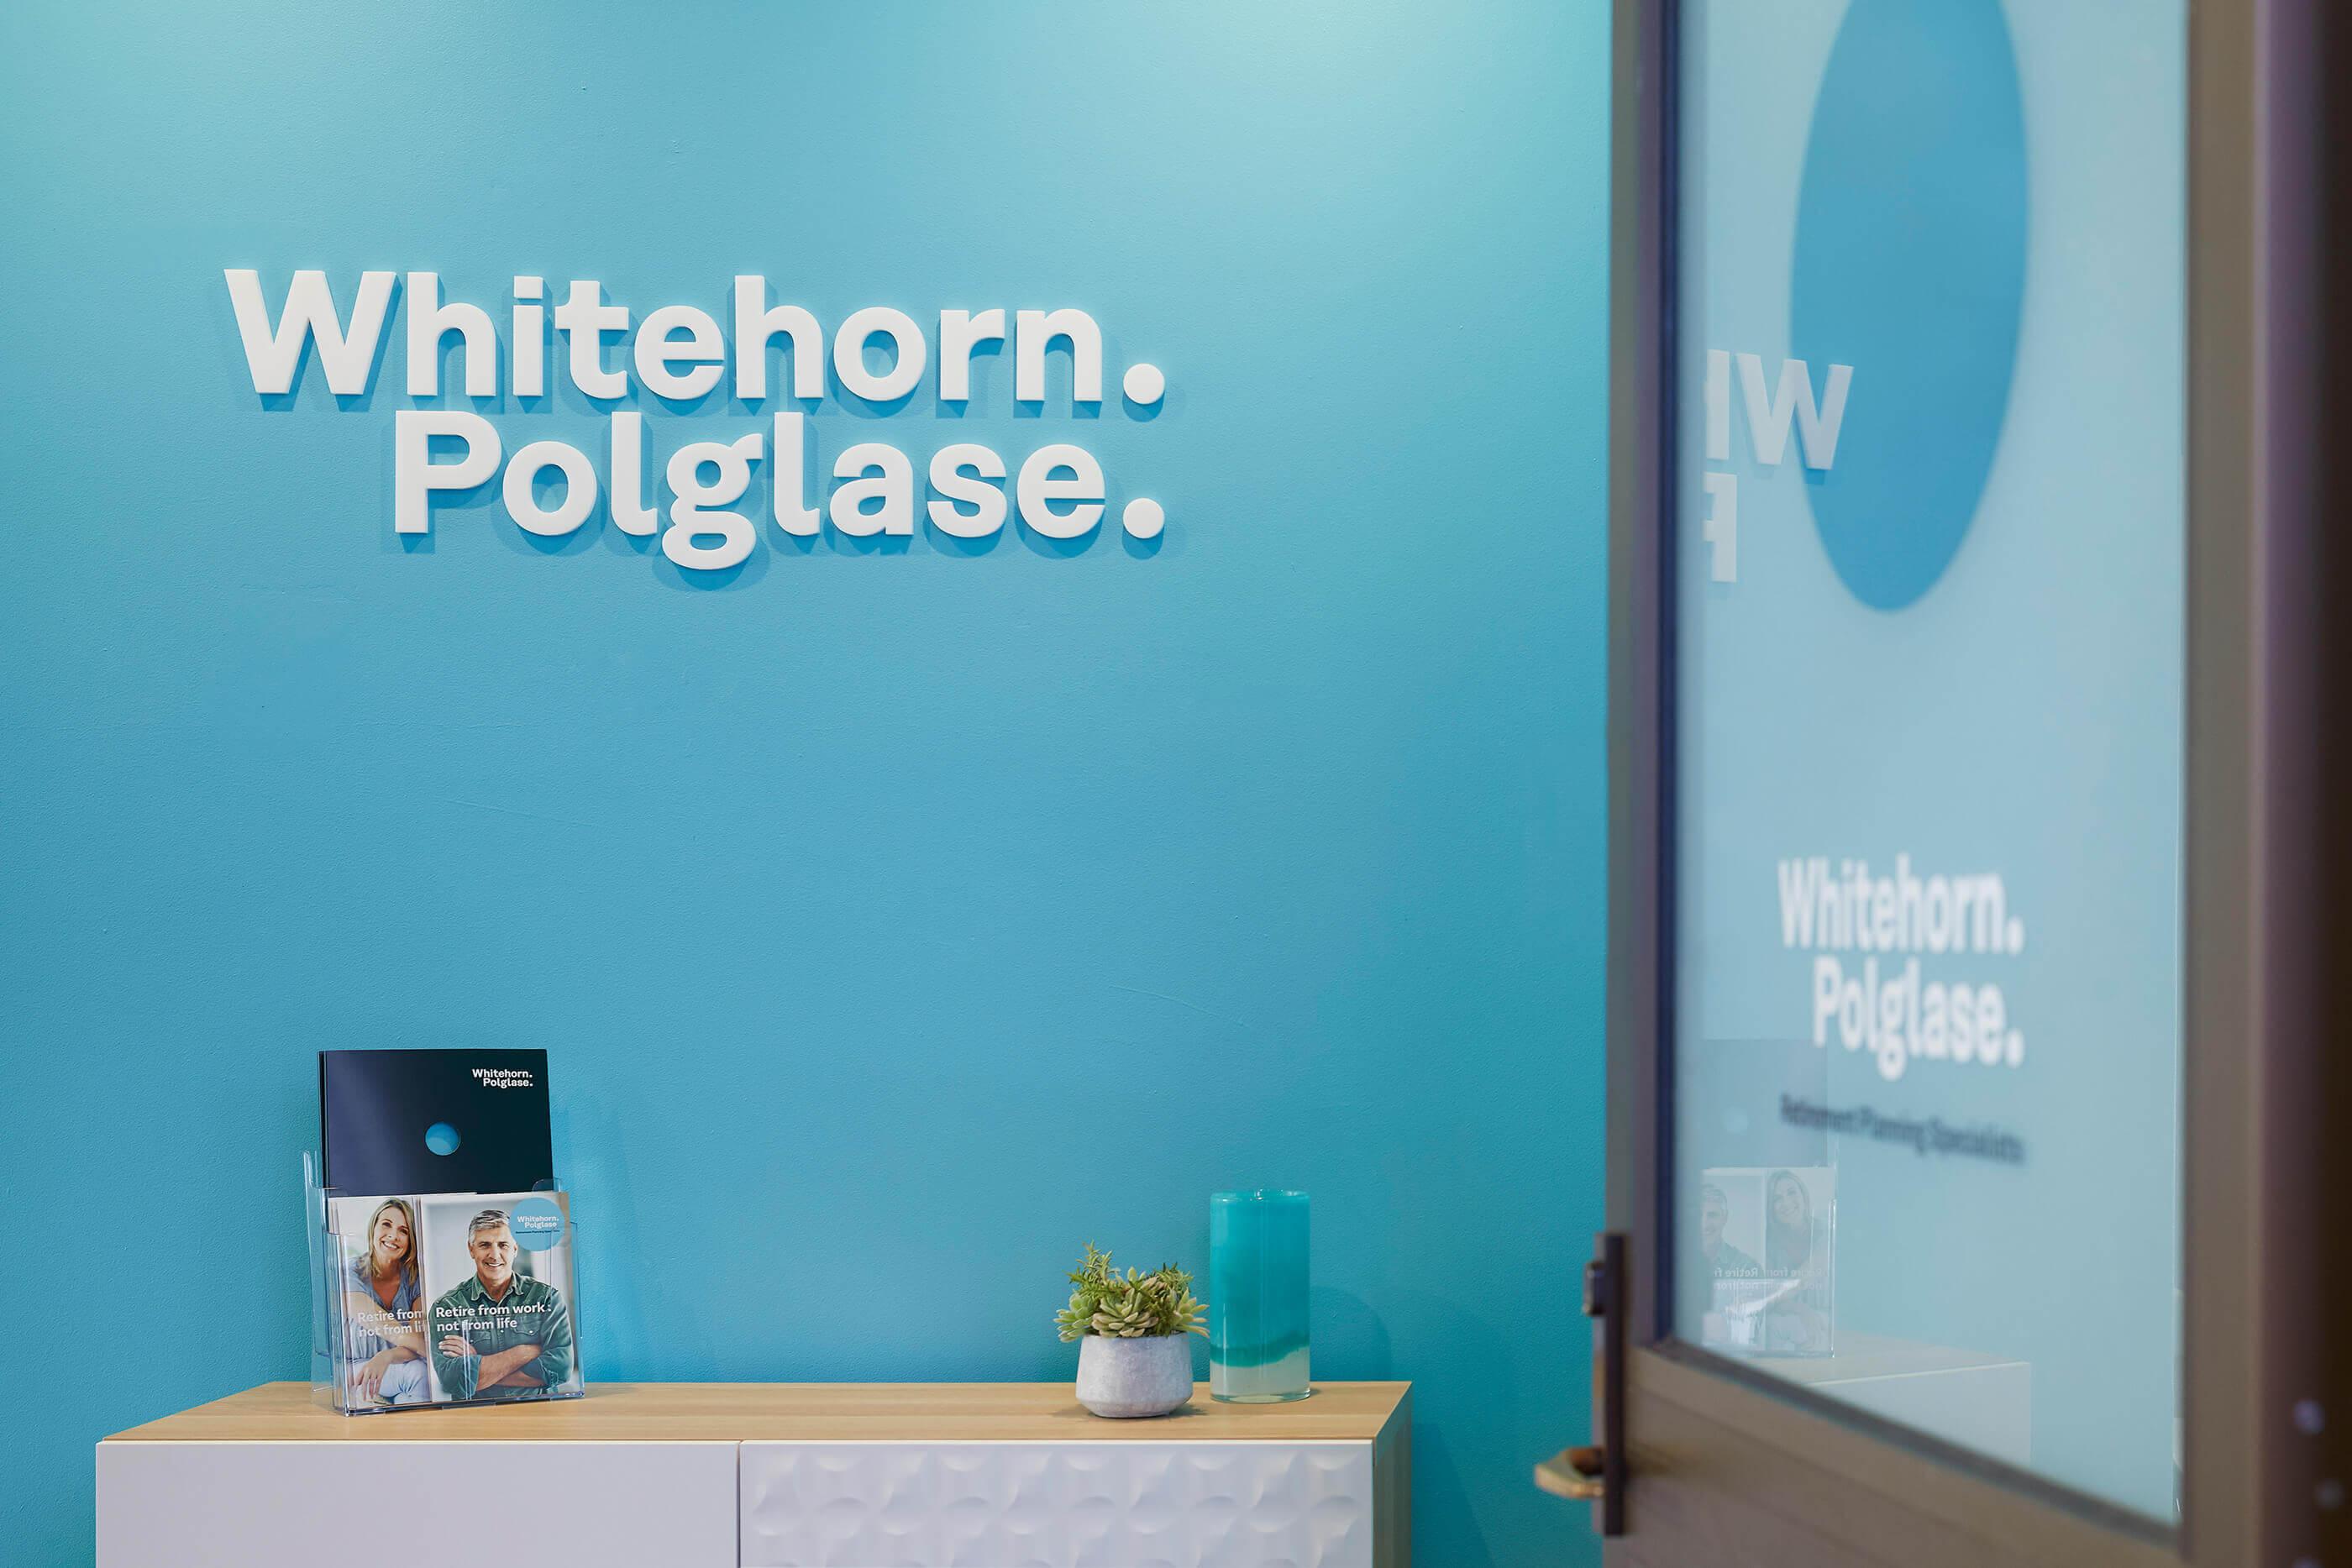 whitehorn_polglase_office_5